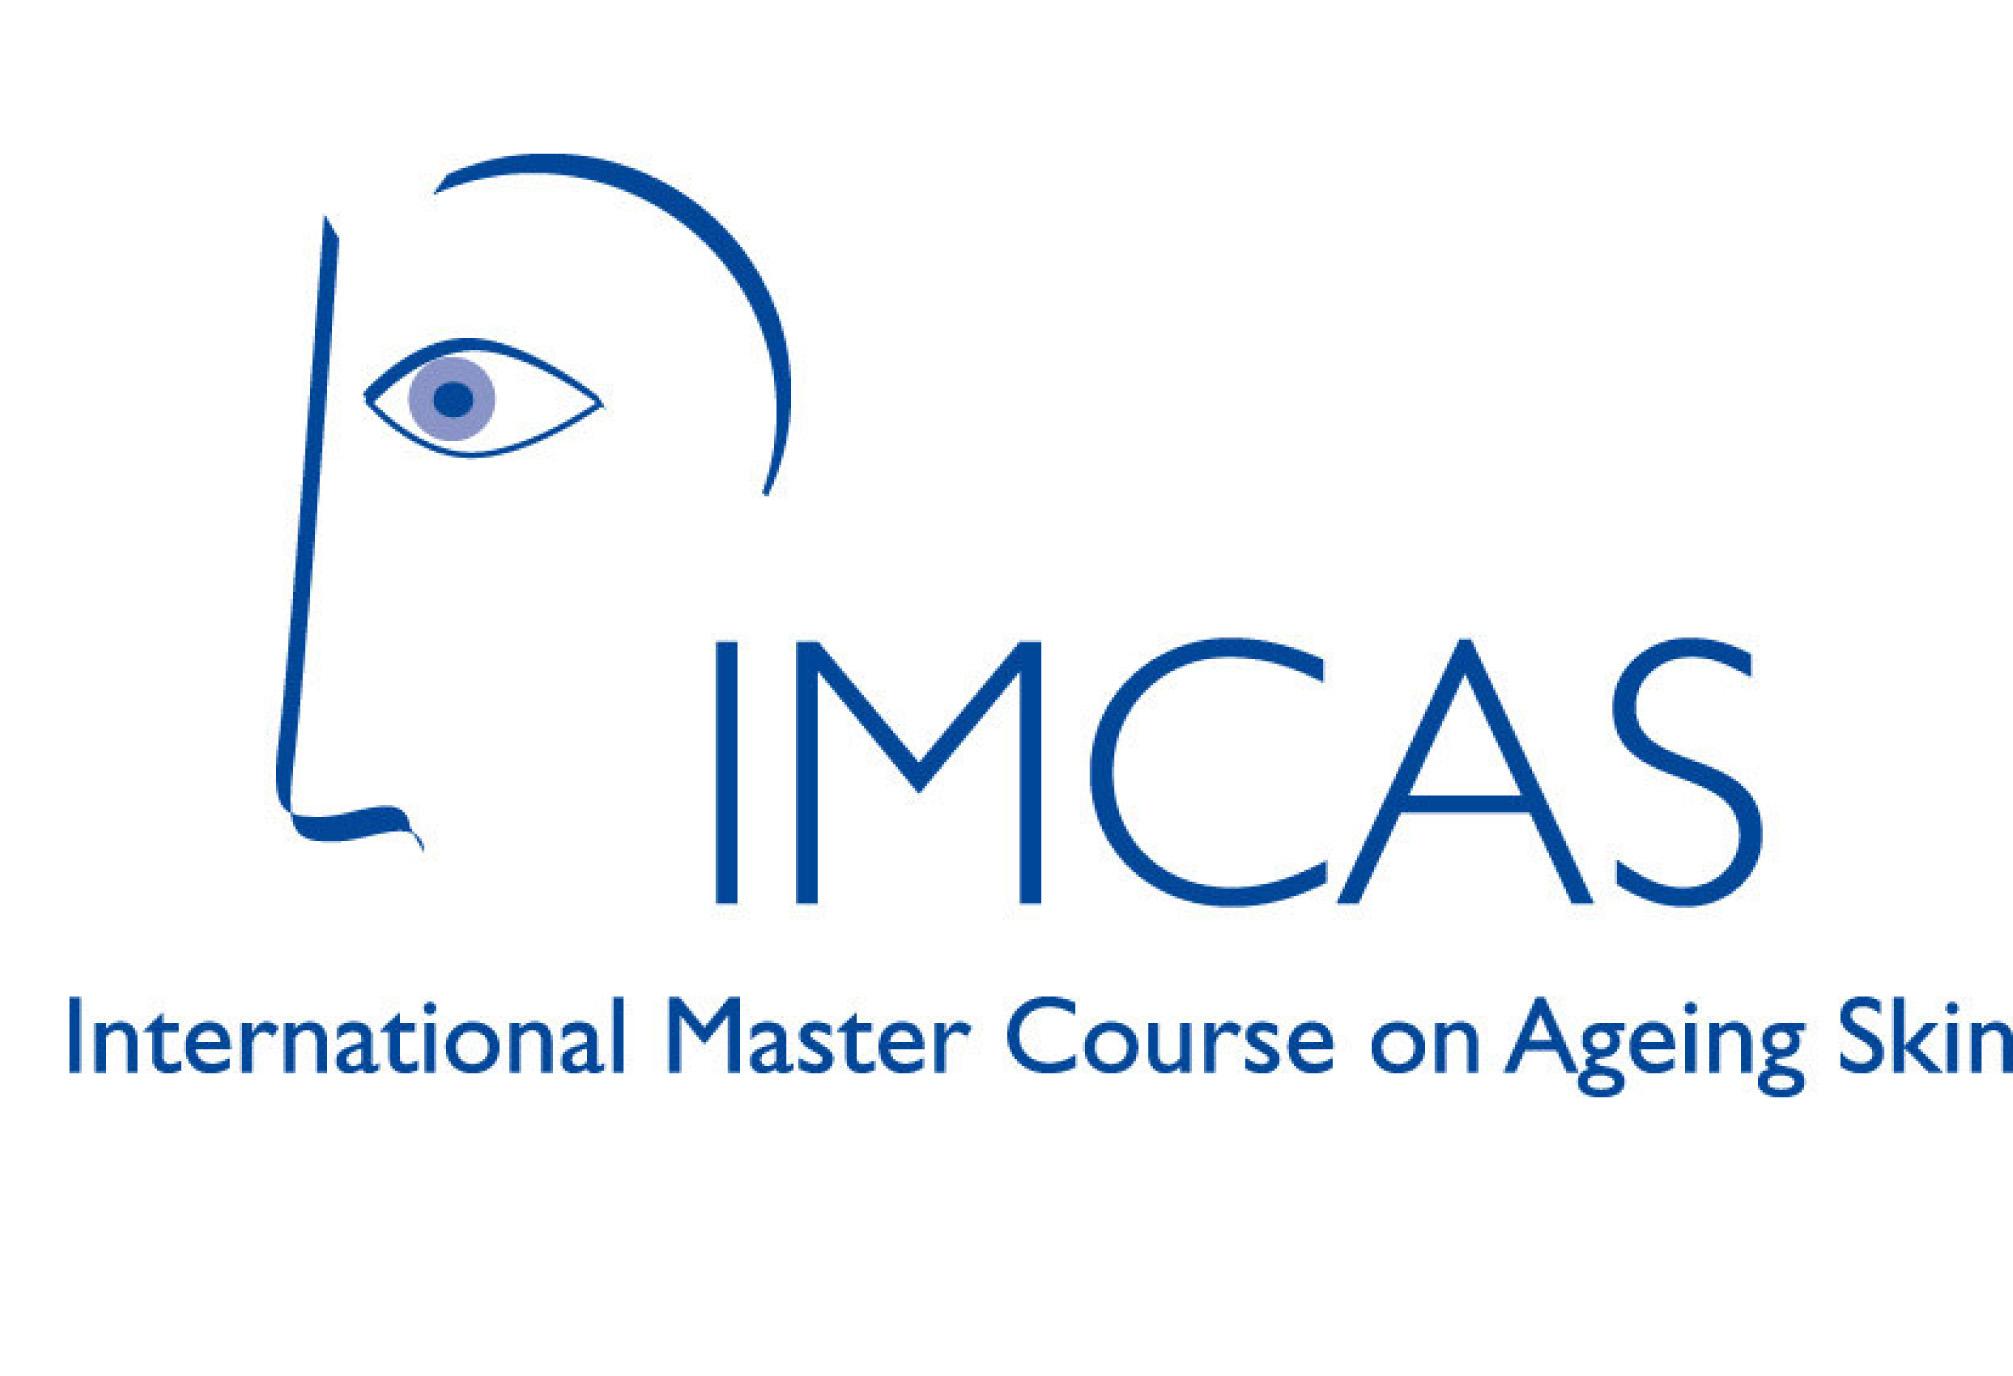 Прогноз от IMCAS на 2012 год: динамика положительная